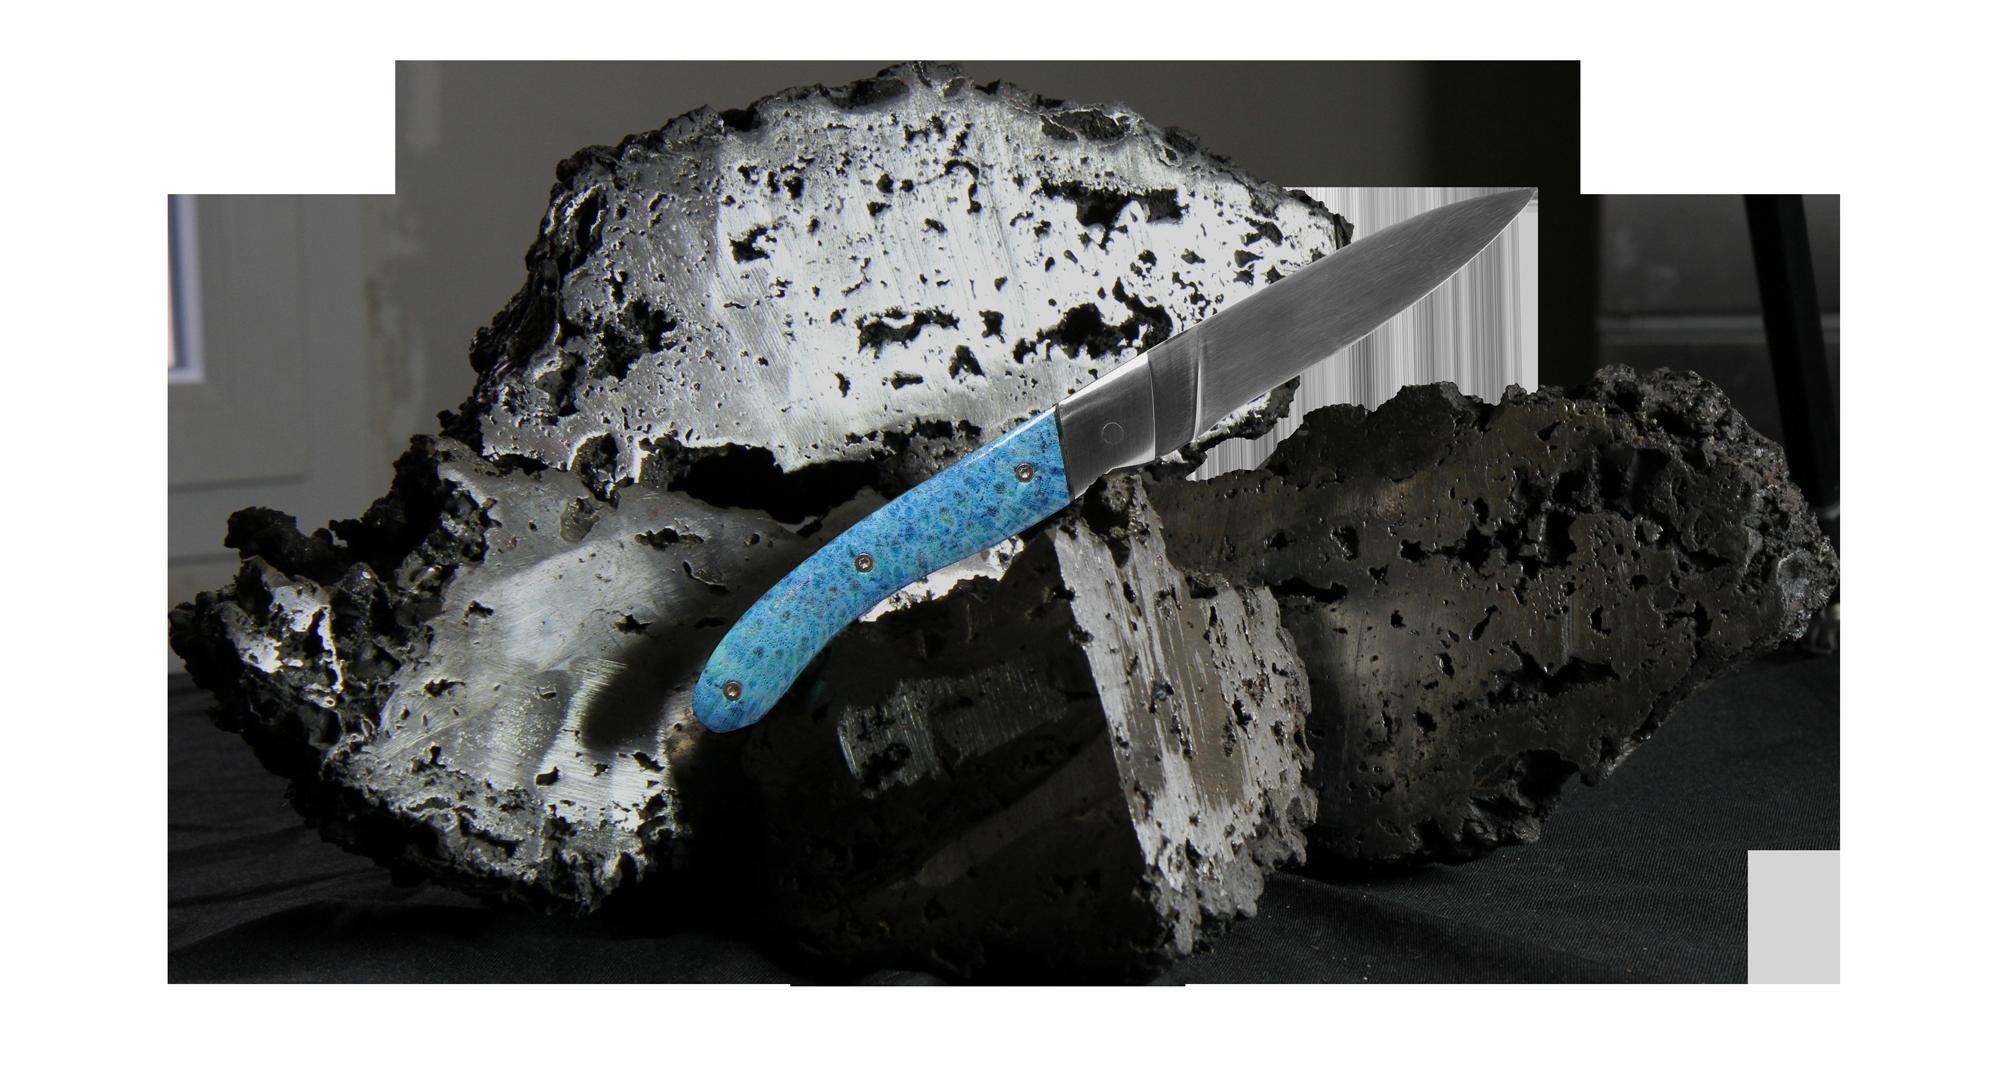 Les couteaux pliants